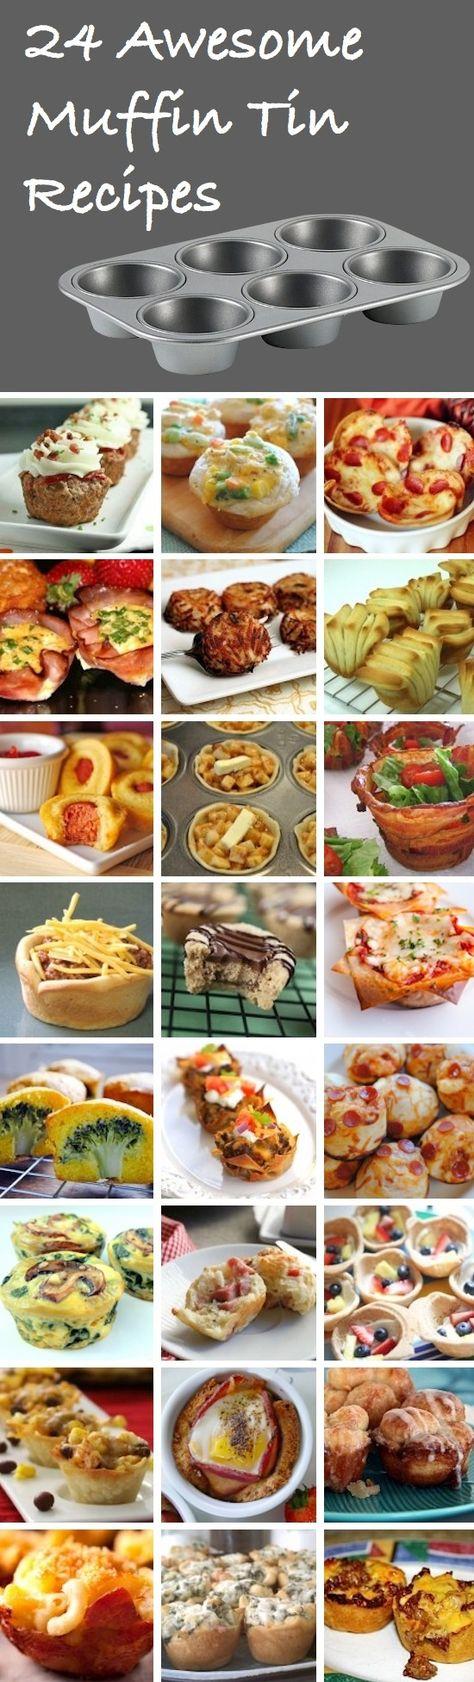 24 muffin tin recipes ... Yummmmmm Yesssss